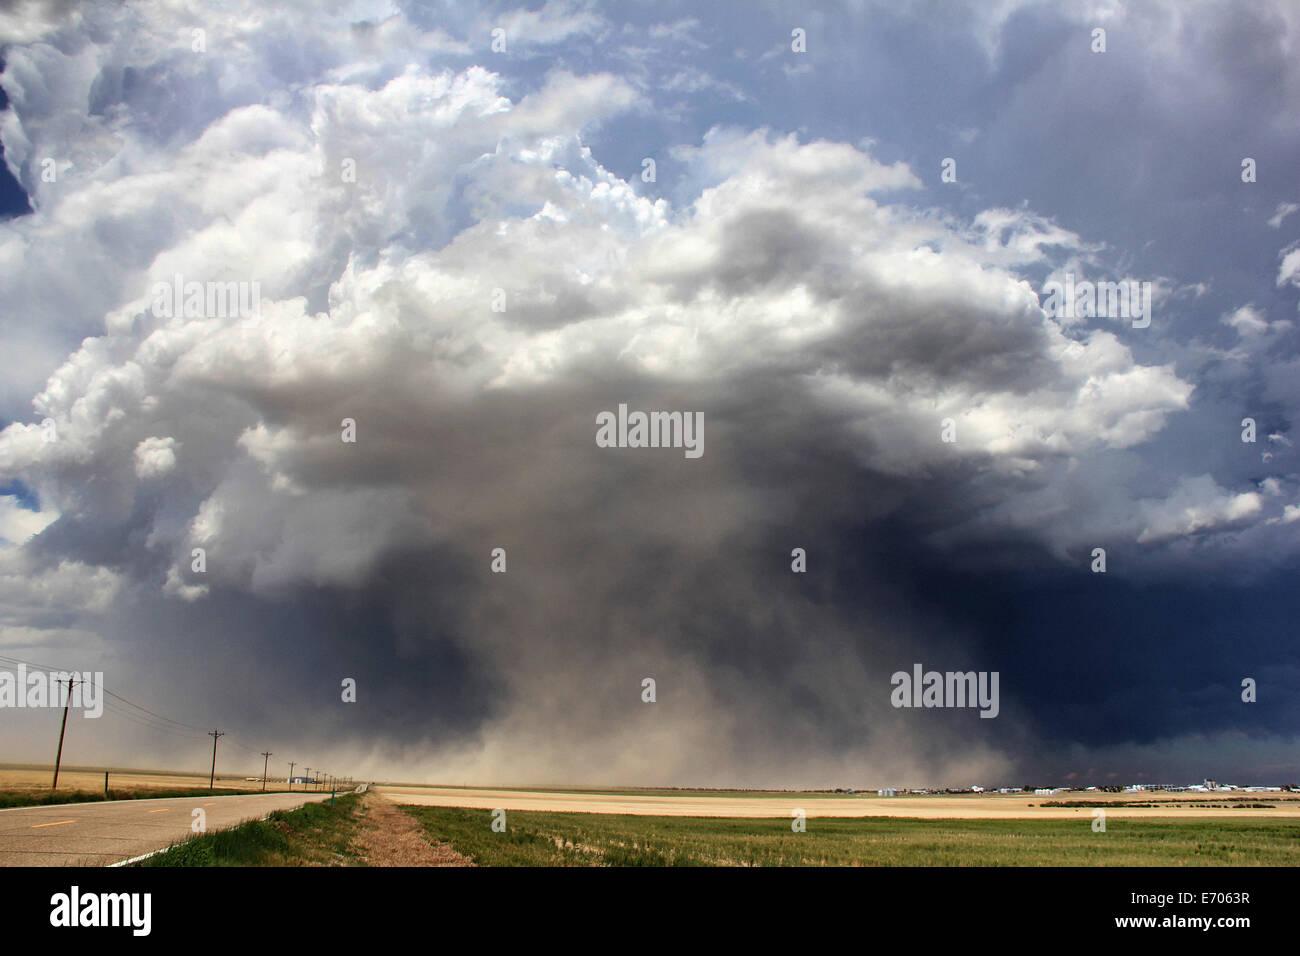 Un orage supercellulaire massive aspire la poussière dans le courant ascendant menant à une violente tempête Photo Stock